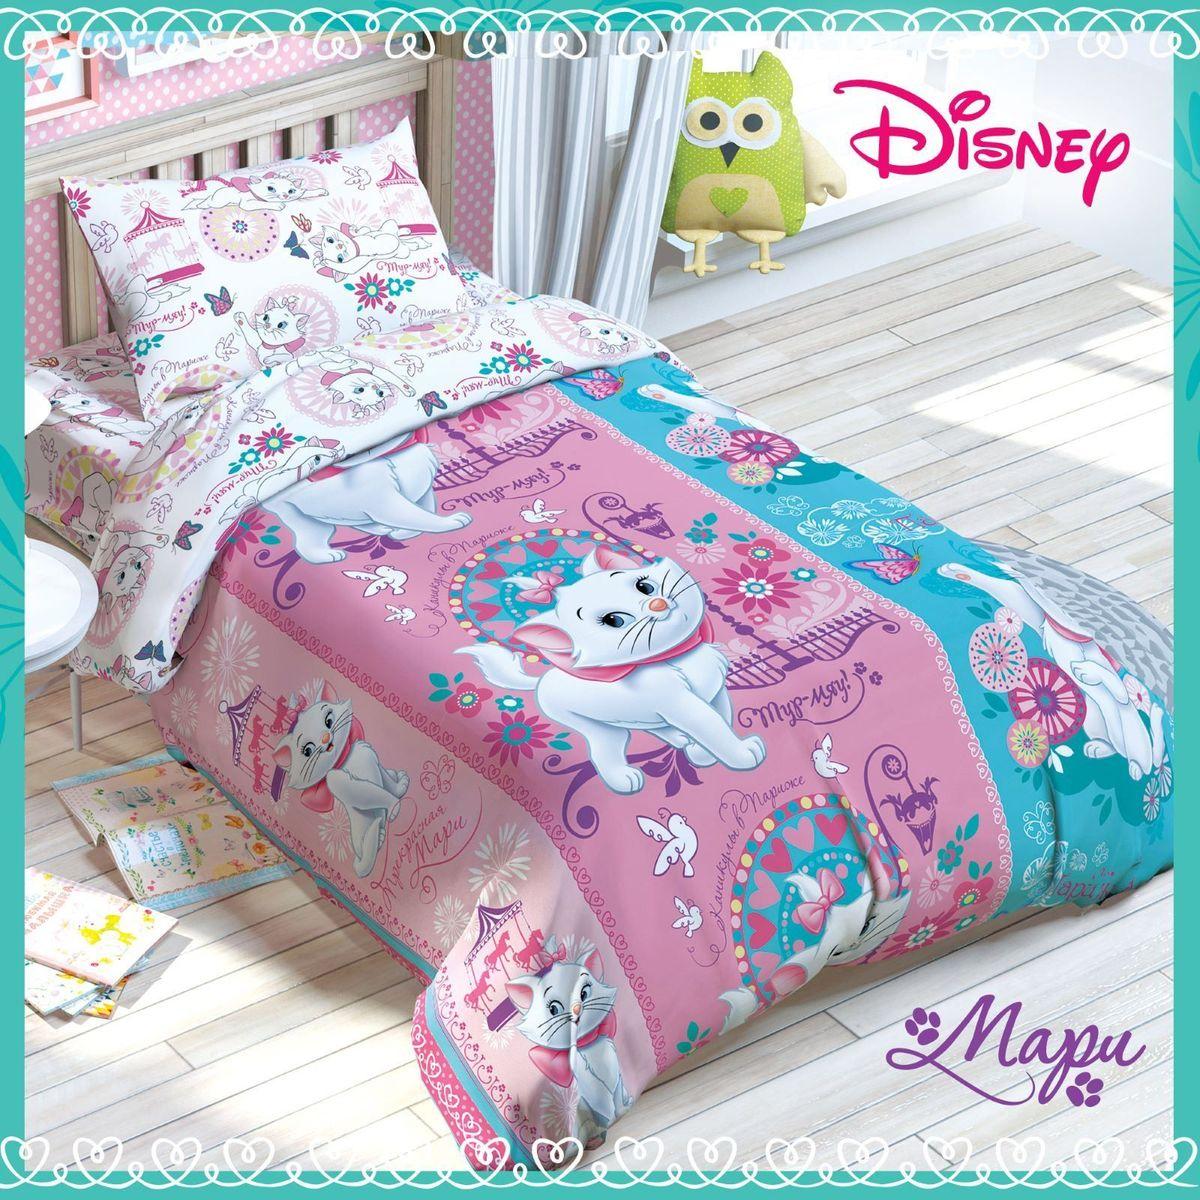 Disney КПБ 1,5 спальное Мари531-105Постельное бельё для самой милой и очаровательной девчонки! Превратить детскую в настоящую сказочную страну, подарить маленькой поклоннице диснеевских мультфильмов сны, полные удивительных приключений и волшебства, обеспечить дочке комфорт и уют на протяжении всей ночи — всё это легко сделать с комплектом «Бемби».Над дизайном этого постельного белья работала команда настоящих мастеров своего дела! На внешней стороне пододеяльника разместился основной мотив: яркий, динамичный и запоминающийся рисунок, дополненный надписями на русском языке. В качестве основы для наволочек, простыни и внутренней стороны пододеяльника используется светлая ткань-компаньон: принт здесь более спокойный, но не менее красивый!Кроха будет в восторге!А заботливых родителей порадует качество. Бельё изготовлено на современном оборудовании в России под тщательным контролем на каждой стадии производства. В работе использовался только натуральный, экологически чистый хлопок и безопасные европейские красители. Именно поэтому комплект:невероятно приятный на ощупь, подходит для детей с чувствительной кожей;позволяет коже дышать;отлично впитывает влагу;не вызывает аллергию;прост в уходе и долговечен.В комплект входит: пододеяльник (143 х 215 см), простыня (150 х 214 см) и одна наволочка (50 х 70 см).При соблюдении простых рекомендаций по уходу за изделием постельное бельё прослужит длительный срок, сохранив яркость красок и нежность ткани. Стирать бельё нужно при температуре не выше сорока градусов без использования отбеливающих средств. Гладить — при температуре не более 150 °C. Химчистка запрещена.